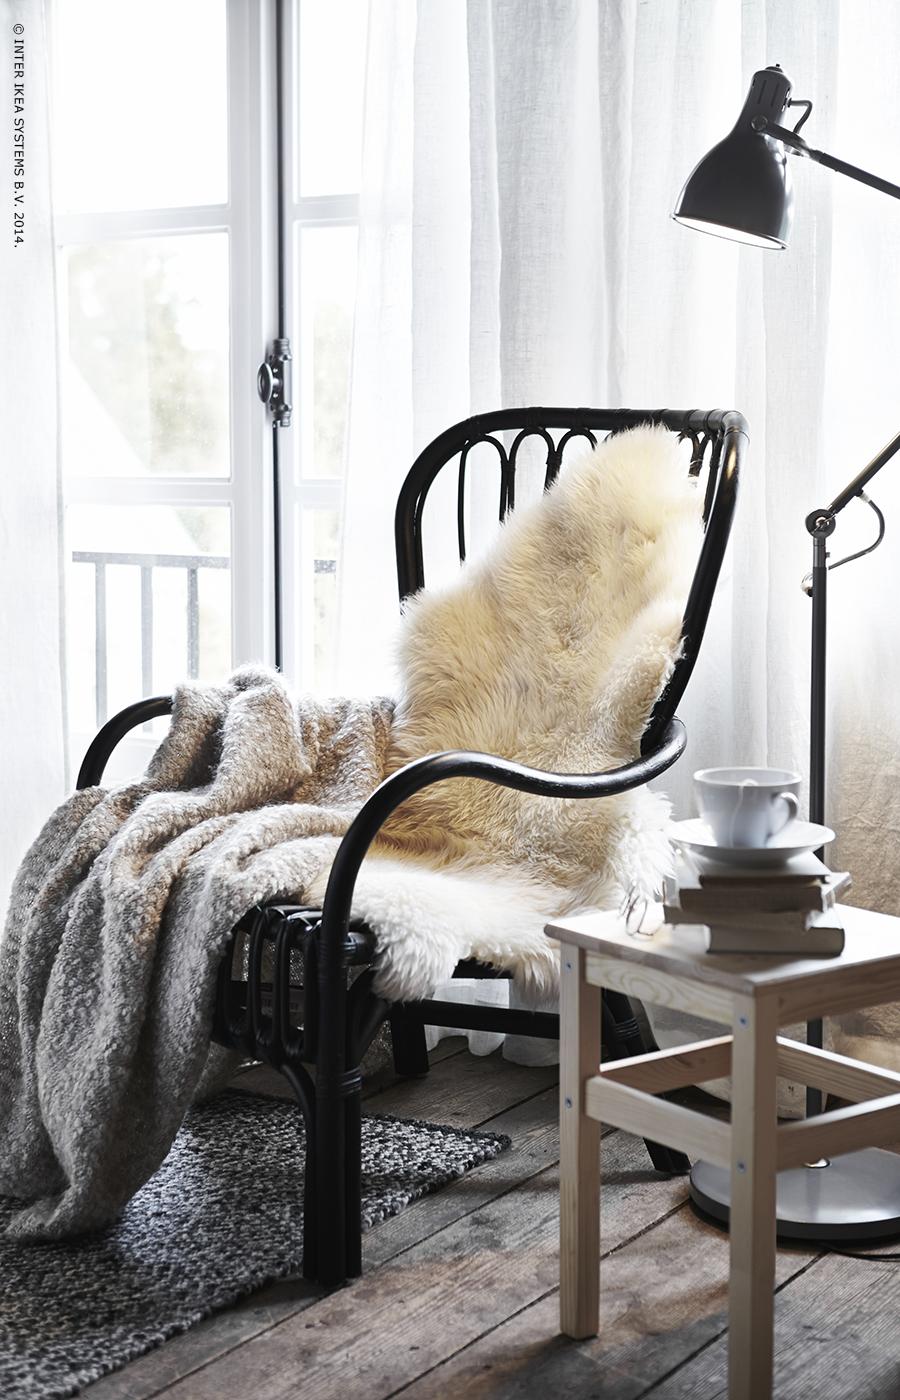 le petit coin lecture parfait fauteuil storsele plaid ikea stockholm peau de mouton. Black Bedroom Furniture Sets. Home Design Ideas